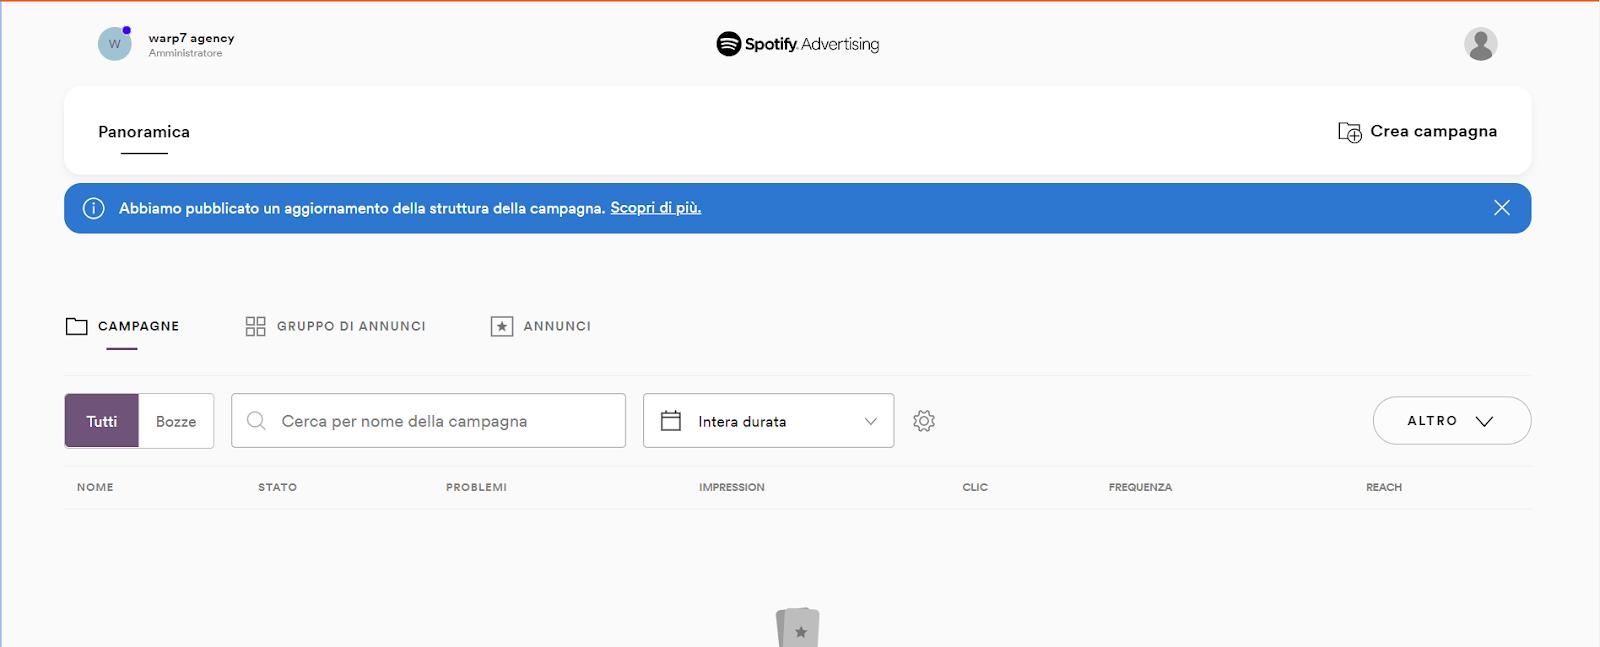 Spotify Ad Studio, la piattaforma pubblicitaria self-service. Uno sguardo da dentro